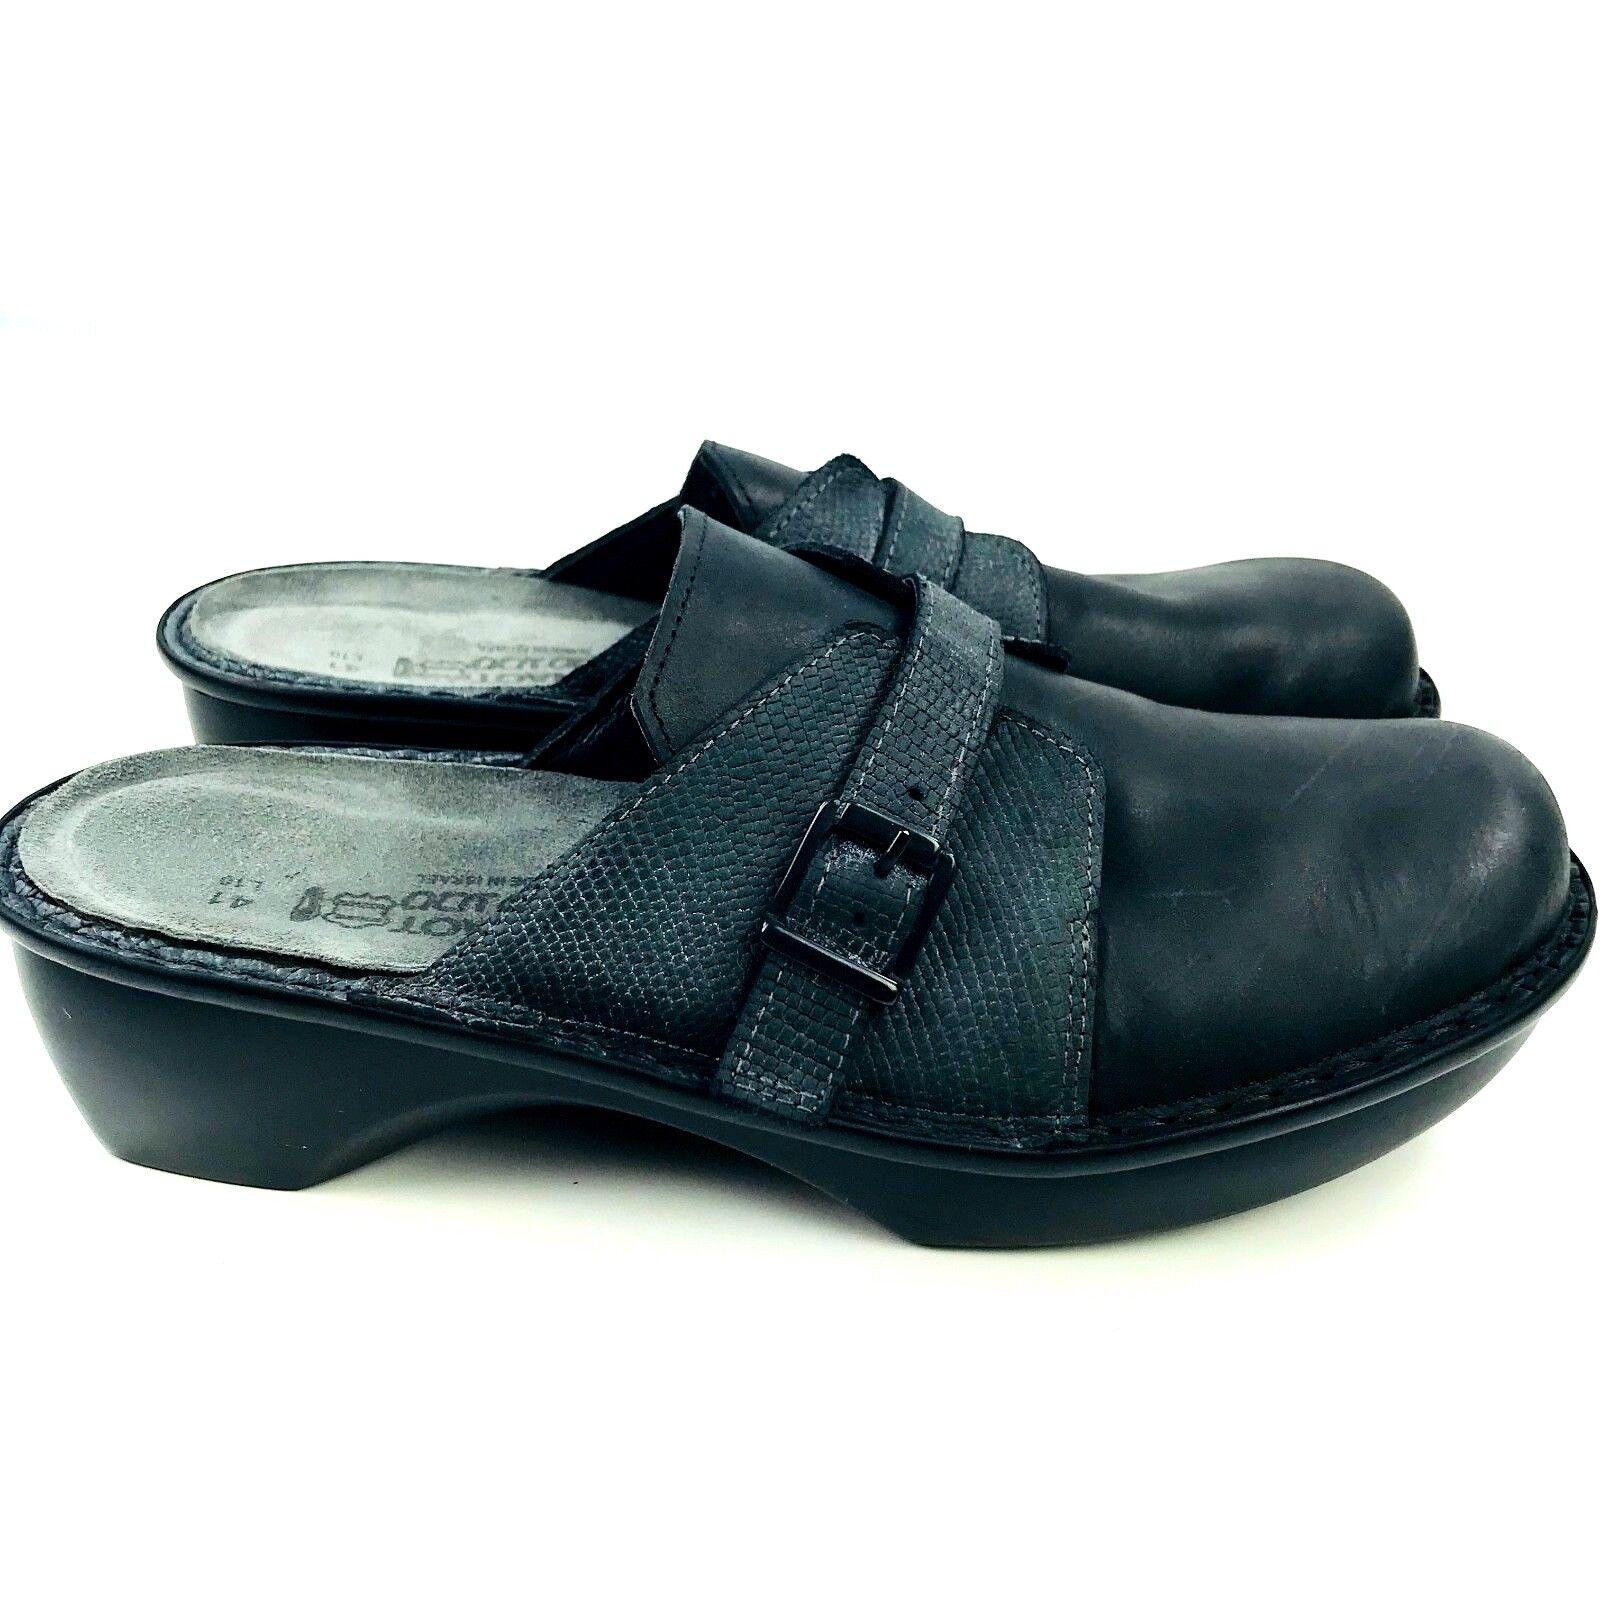 Naot Zapatos para mujer Talla 10 Negro Negro Negro Cuero Comodidad diapositivas Mulas Zuecos Slip On enfermera  mejor opcion